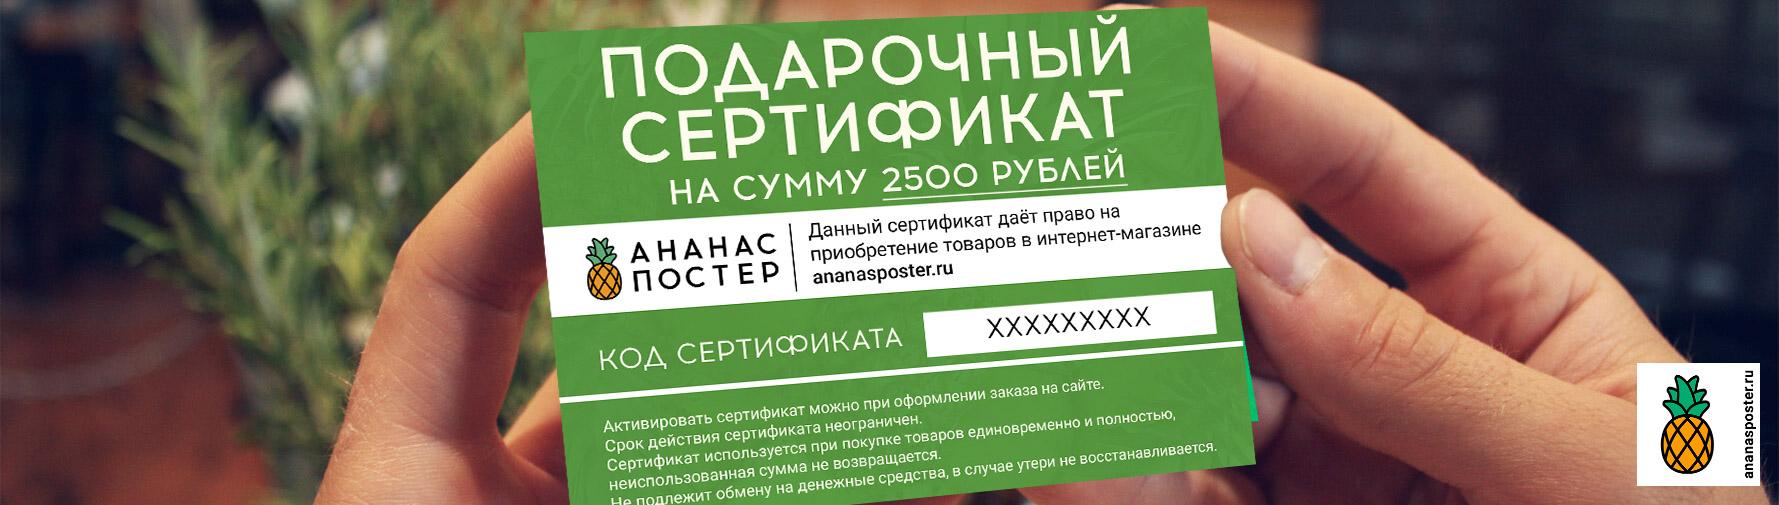 Подарочные сертификаты магазина Ананас Постер